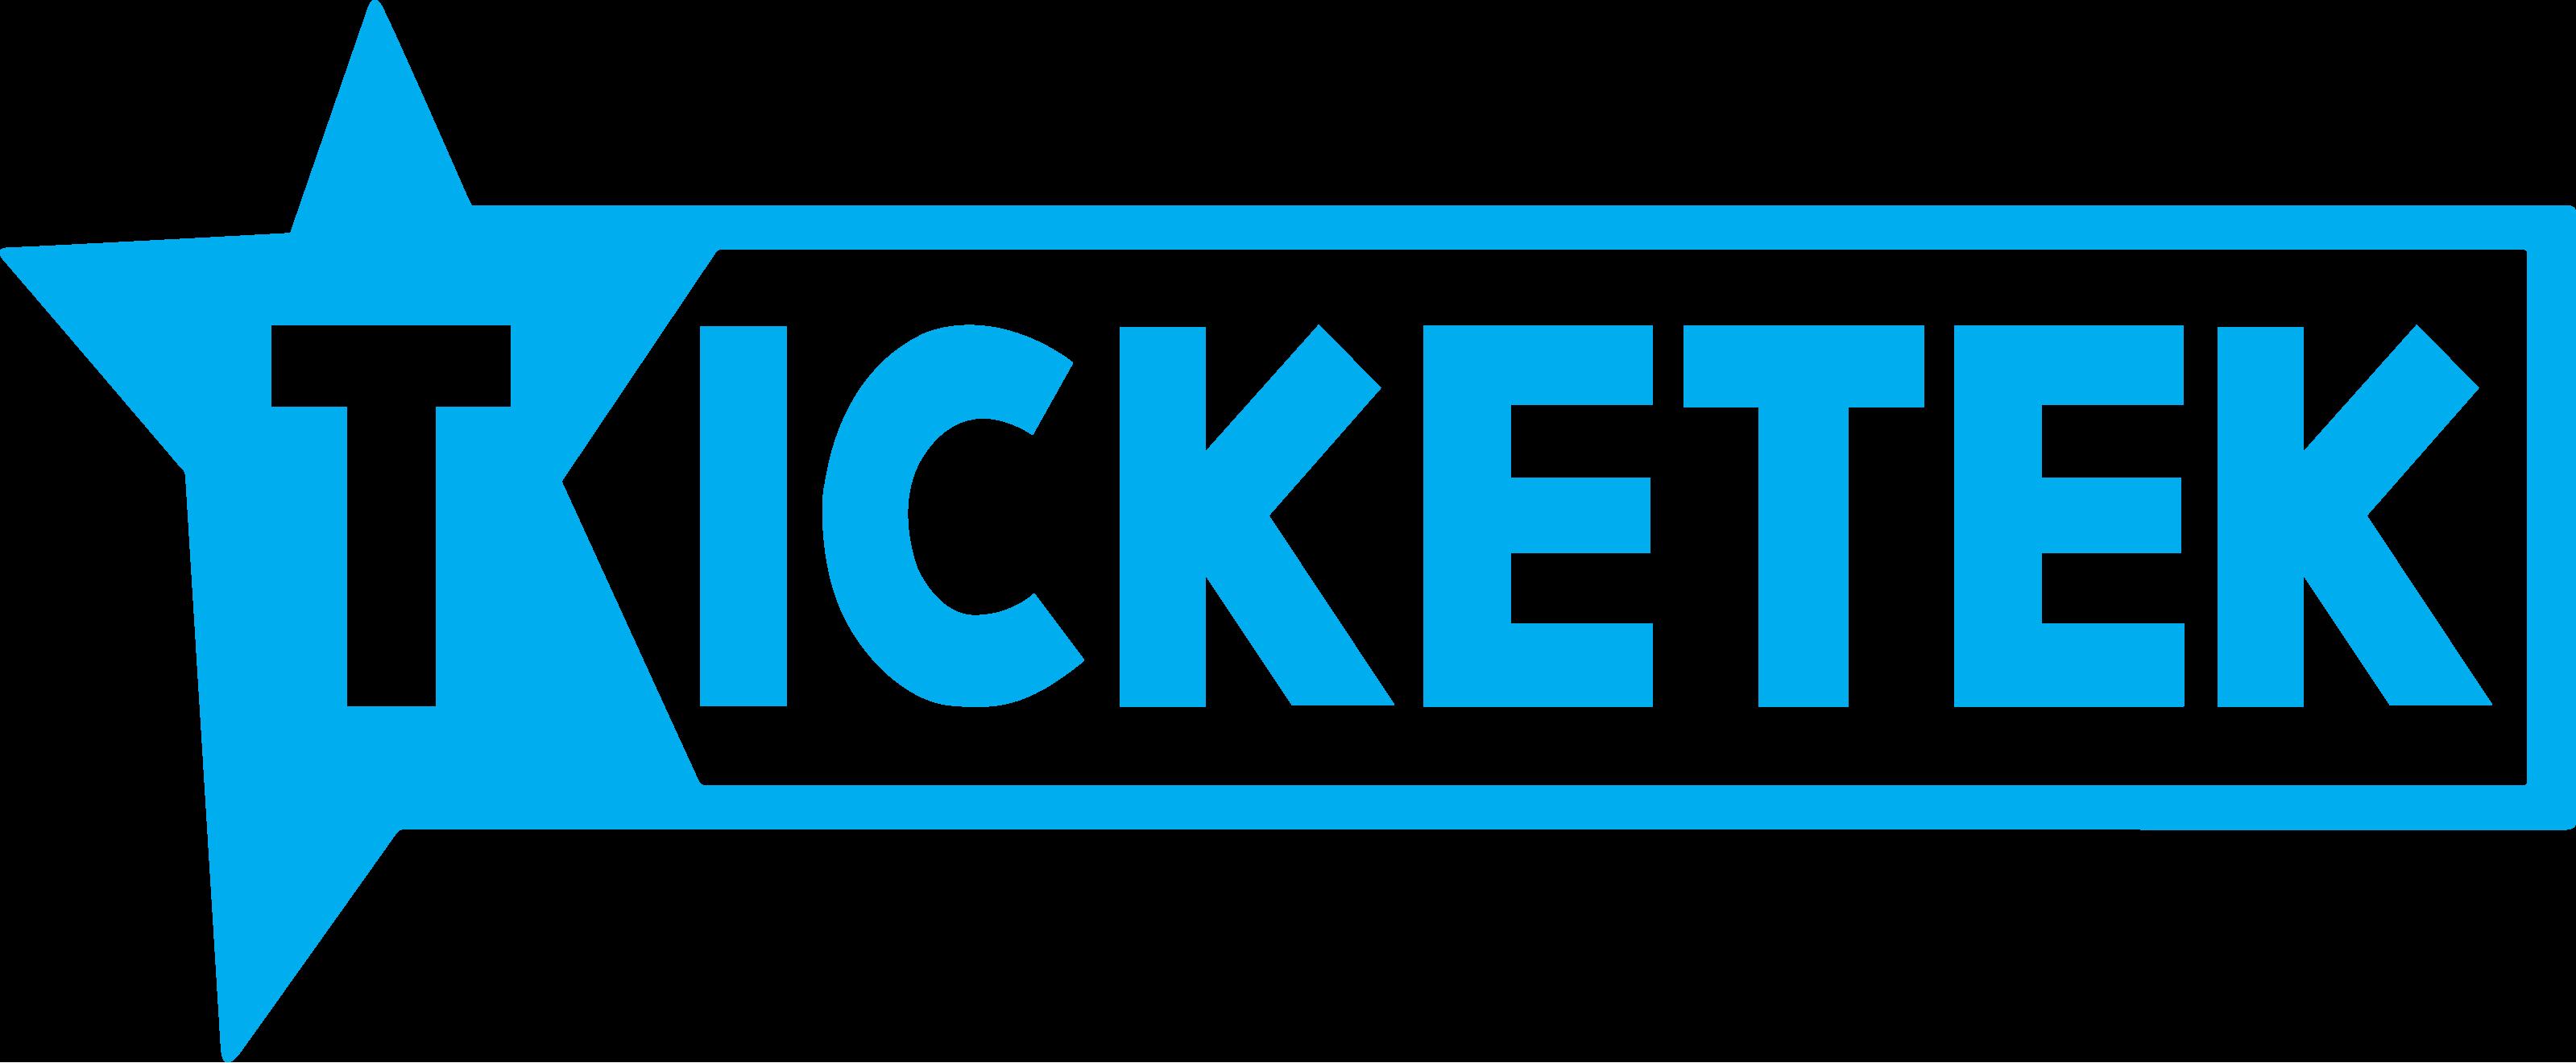 Ticketek